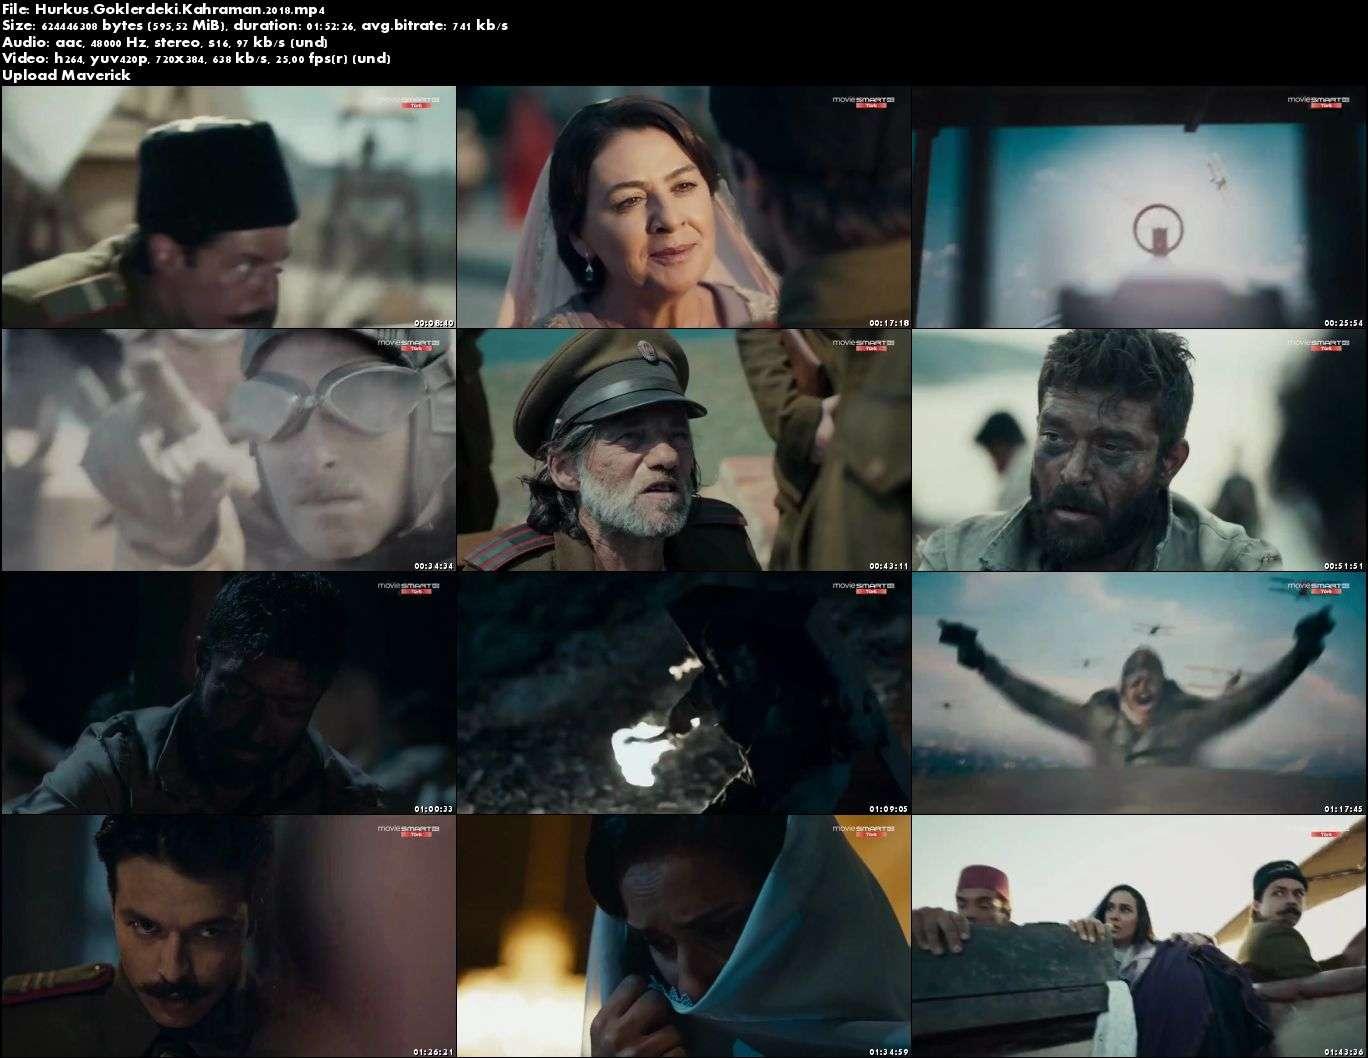 Hürkuş - 2018 (Yerli Film) Mp4 indir